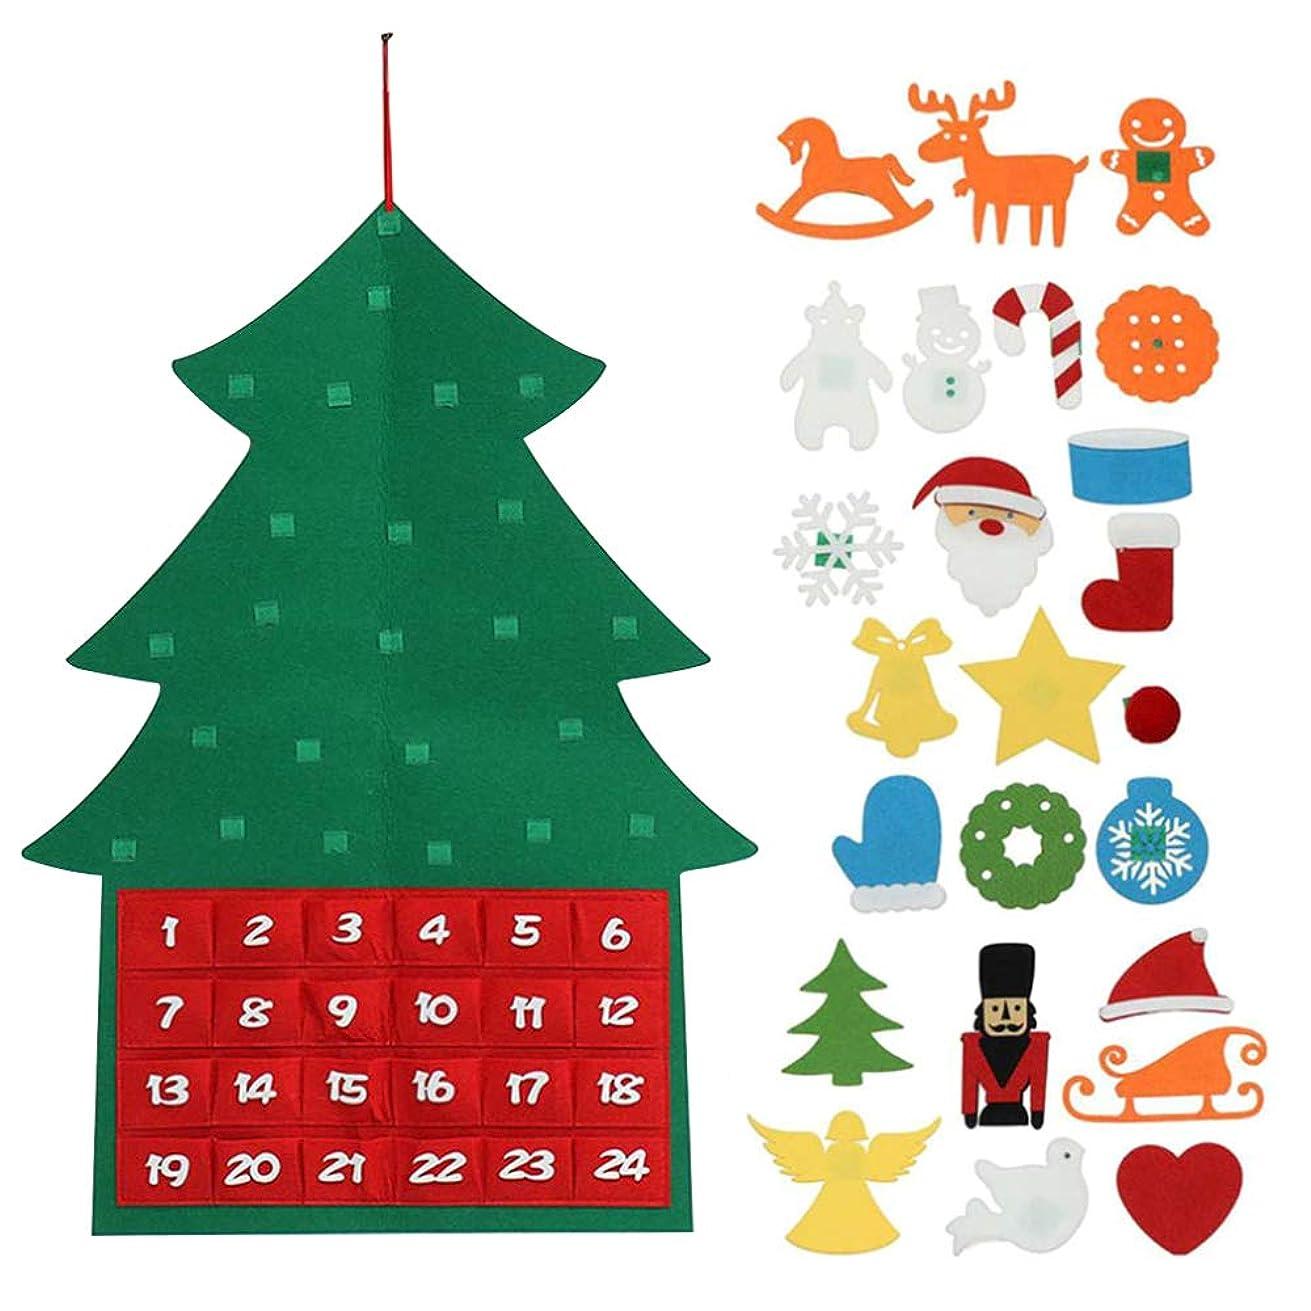 風が強い土曜日一節GerTong クリスマス飾り クリスマスツリー DIY 壁掛け 手作り 24点セット 取り外し可能 カレンダー カウントダウン 1から24まで 子供 知育おもちゃ 幼稚園 保育園 デコレーション 90x60㎝